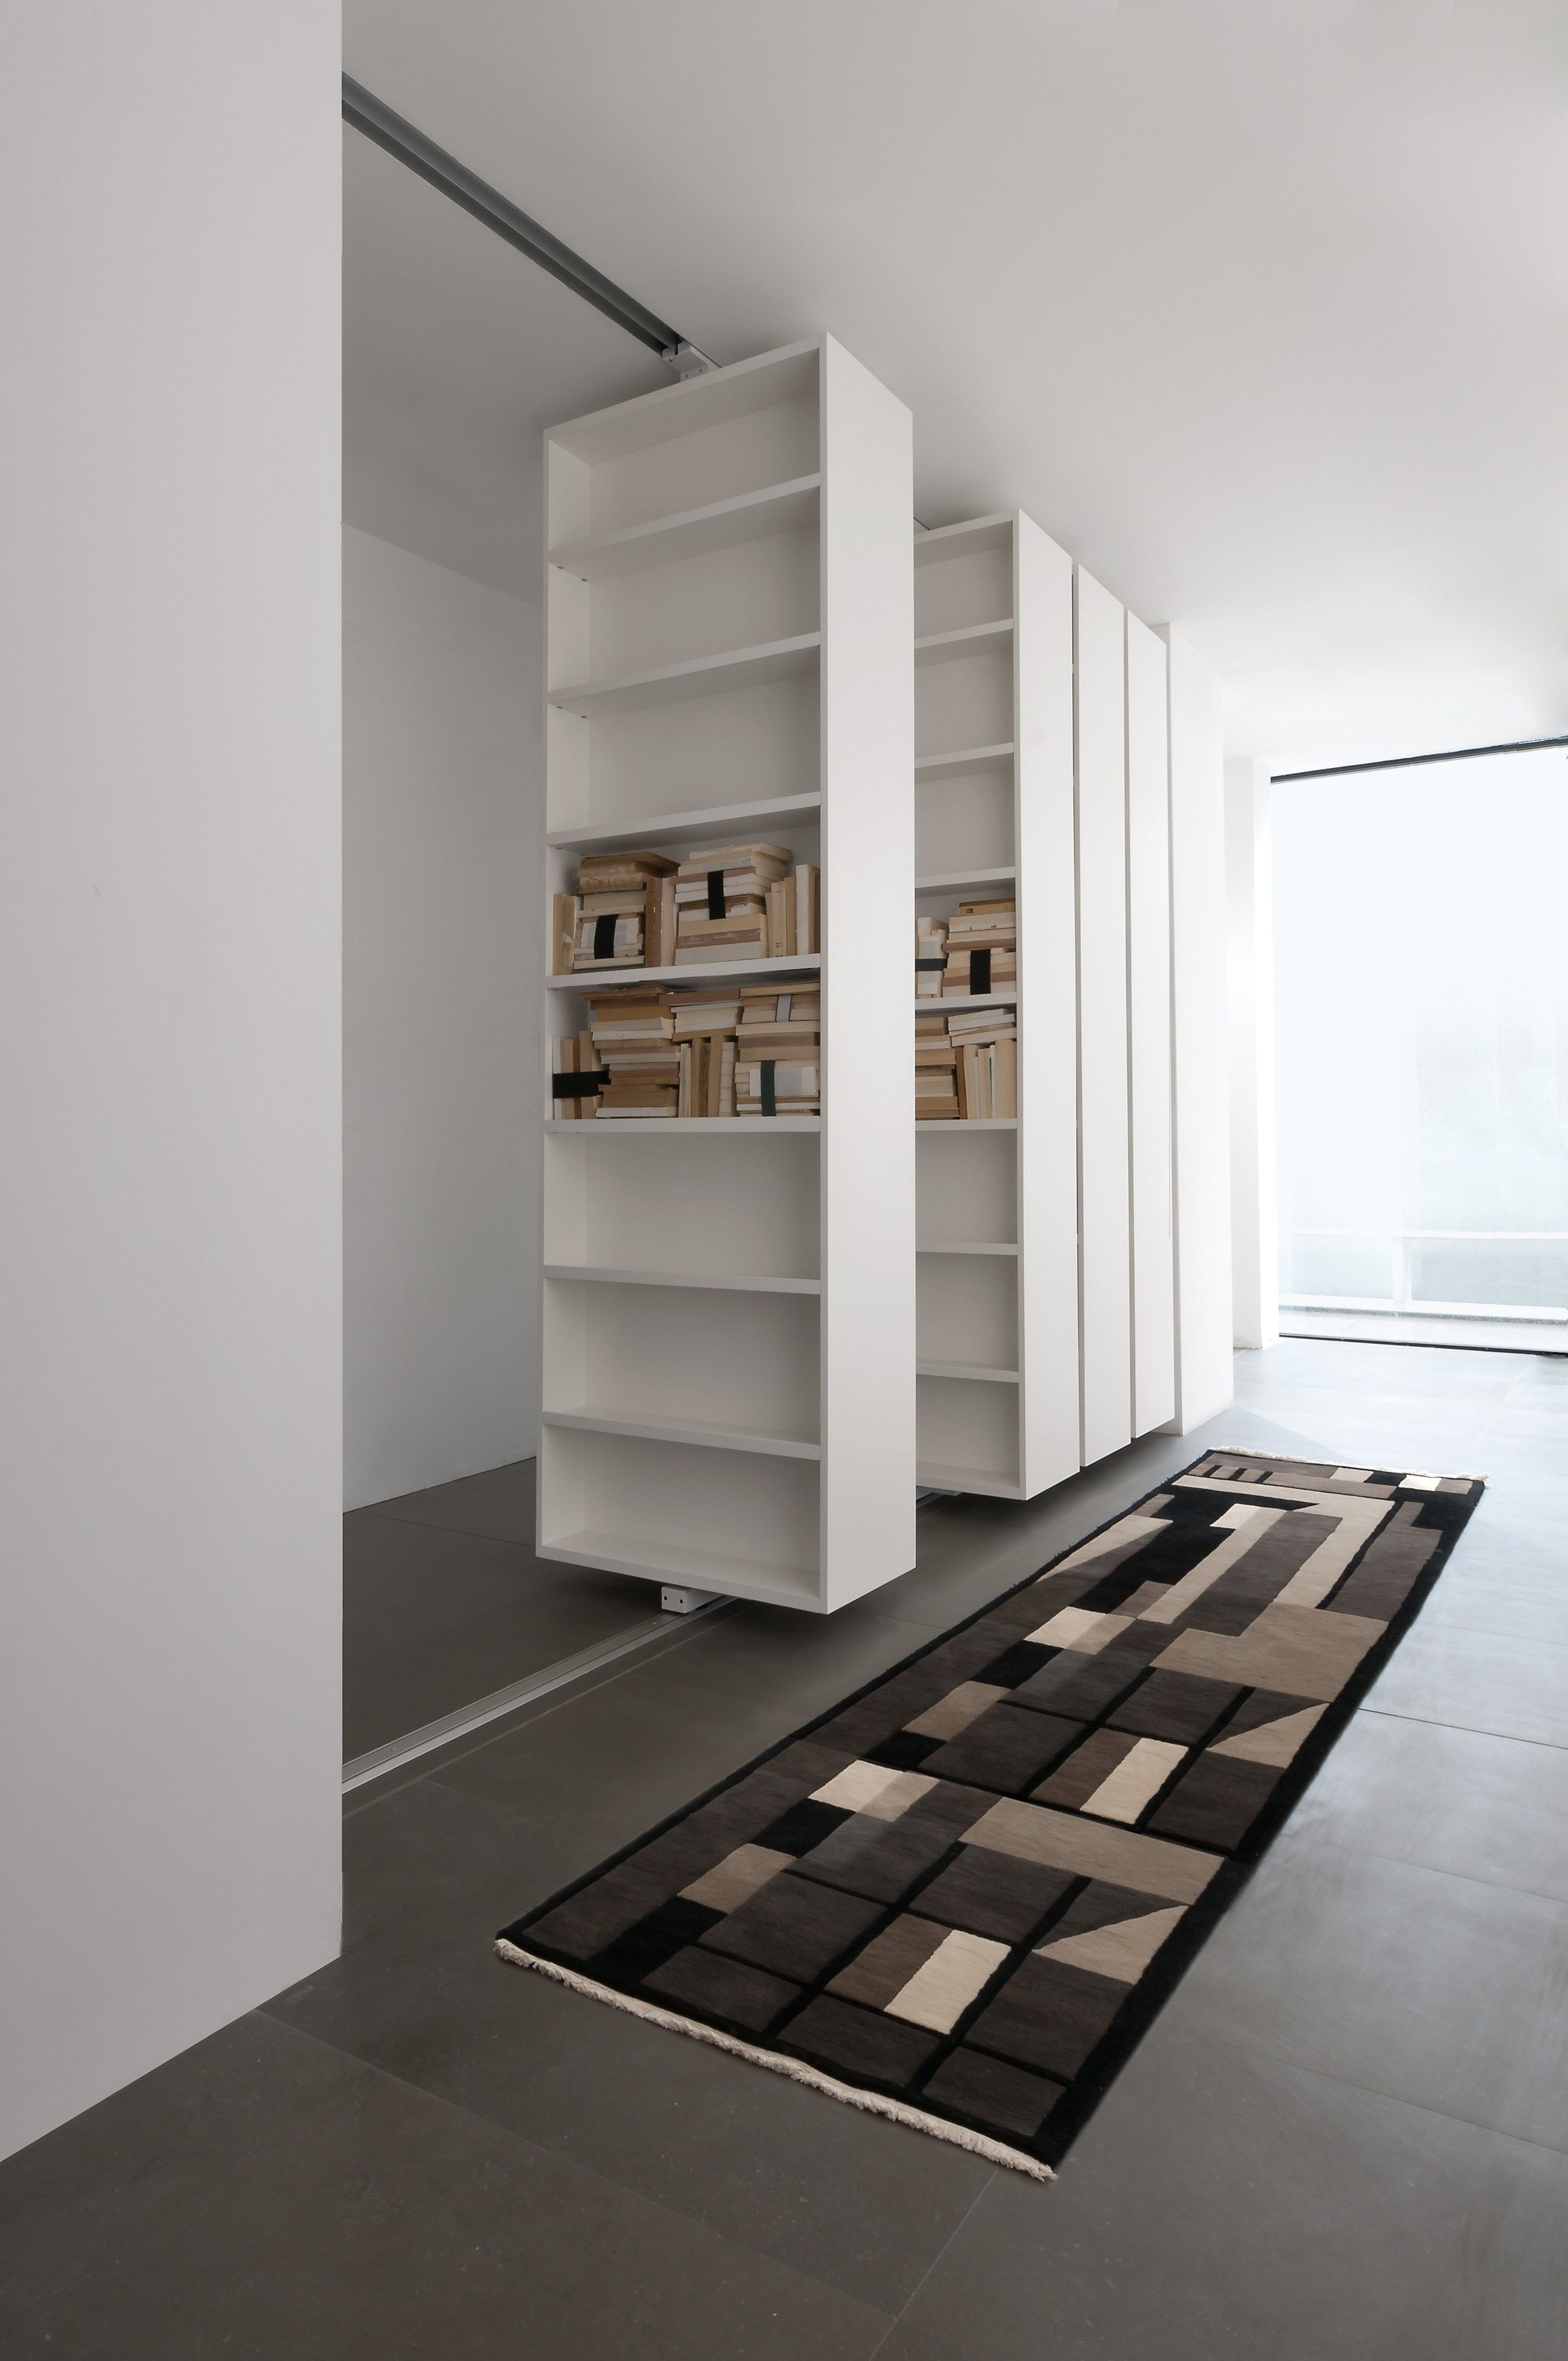 Telechargez Le Catalogue Et Demandez Les Prix De Vista Bibliotheque By Albed By Delmonte Bibl Amenagement Maison Deco Maison Amenagement Interieur